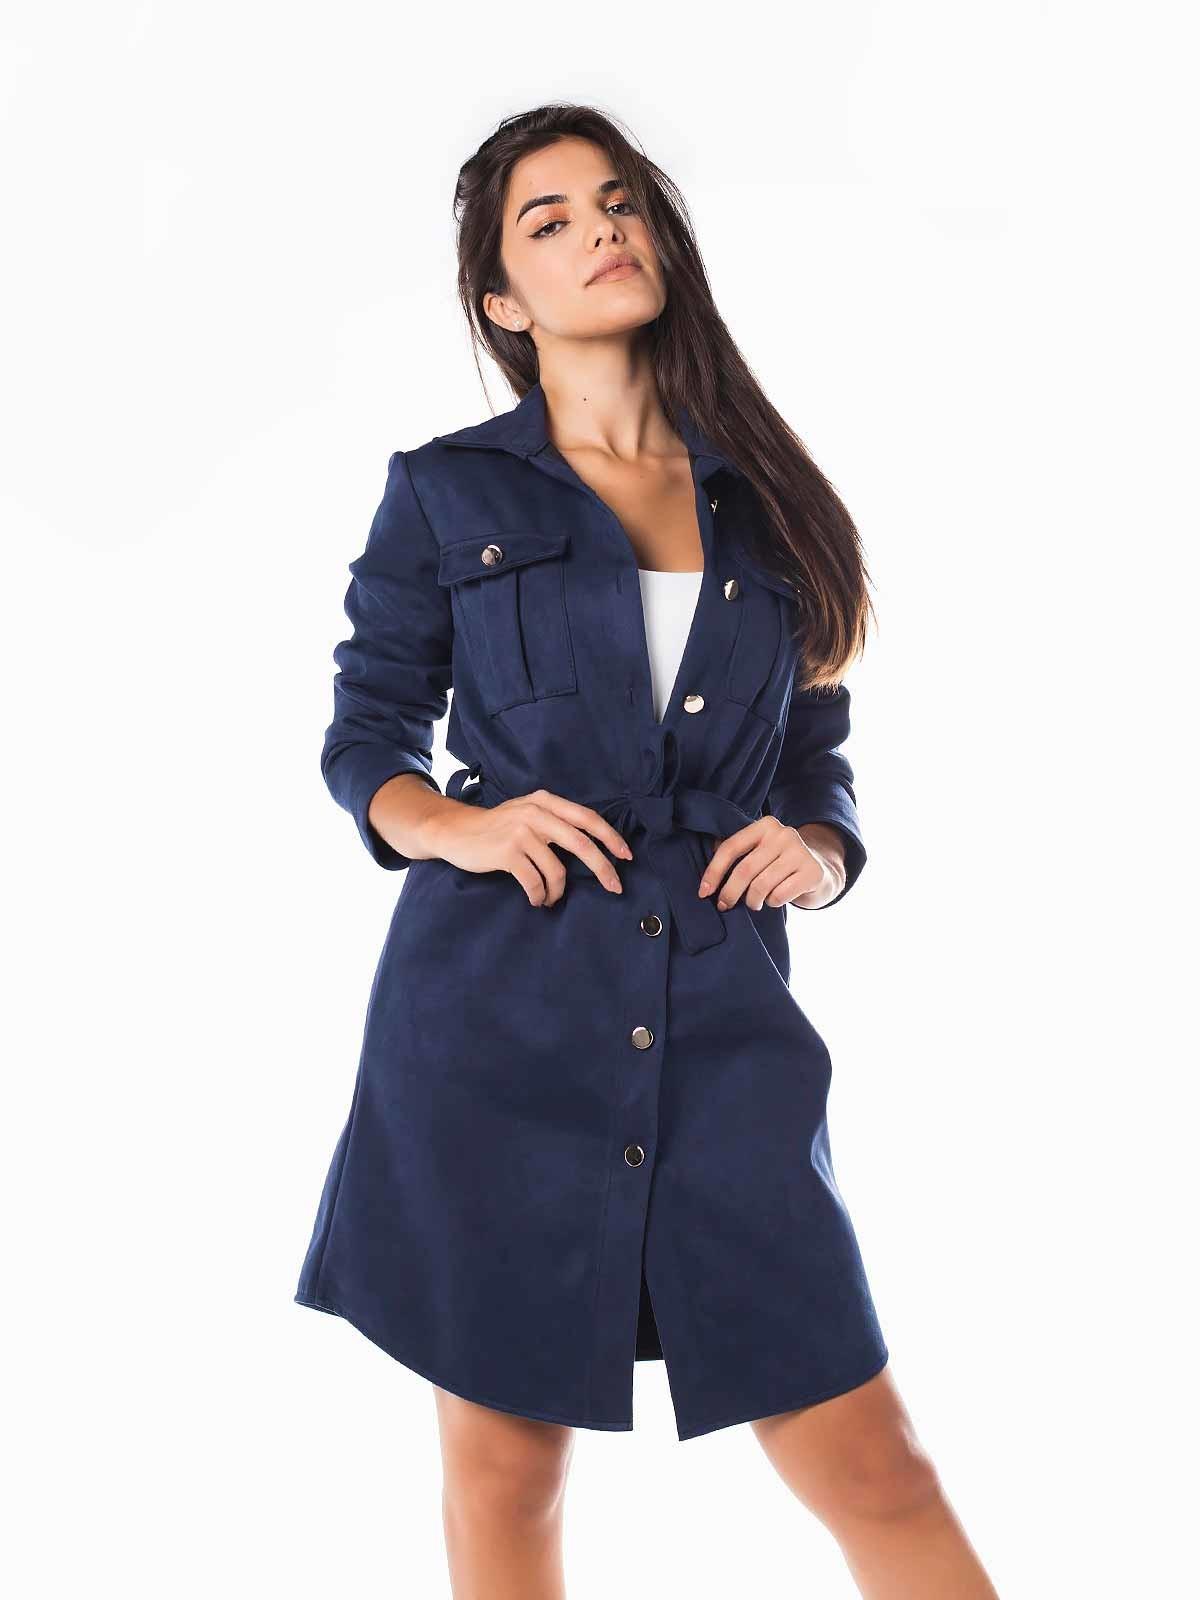 Vestido casaco de camurça